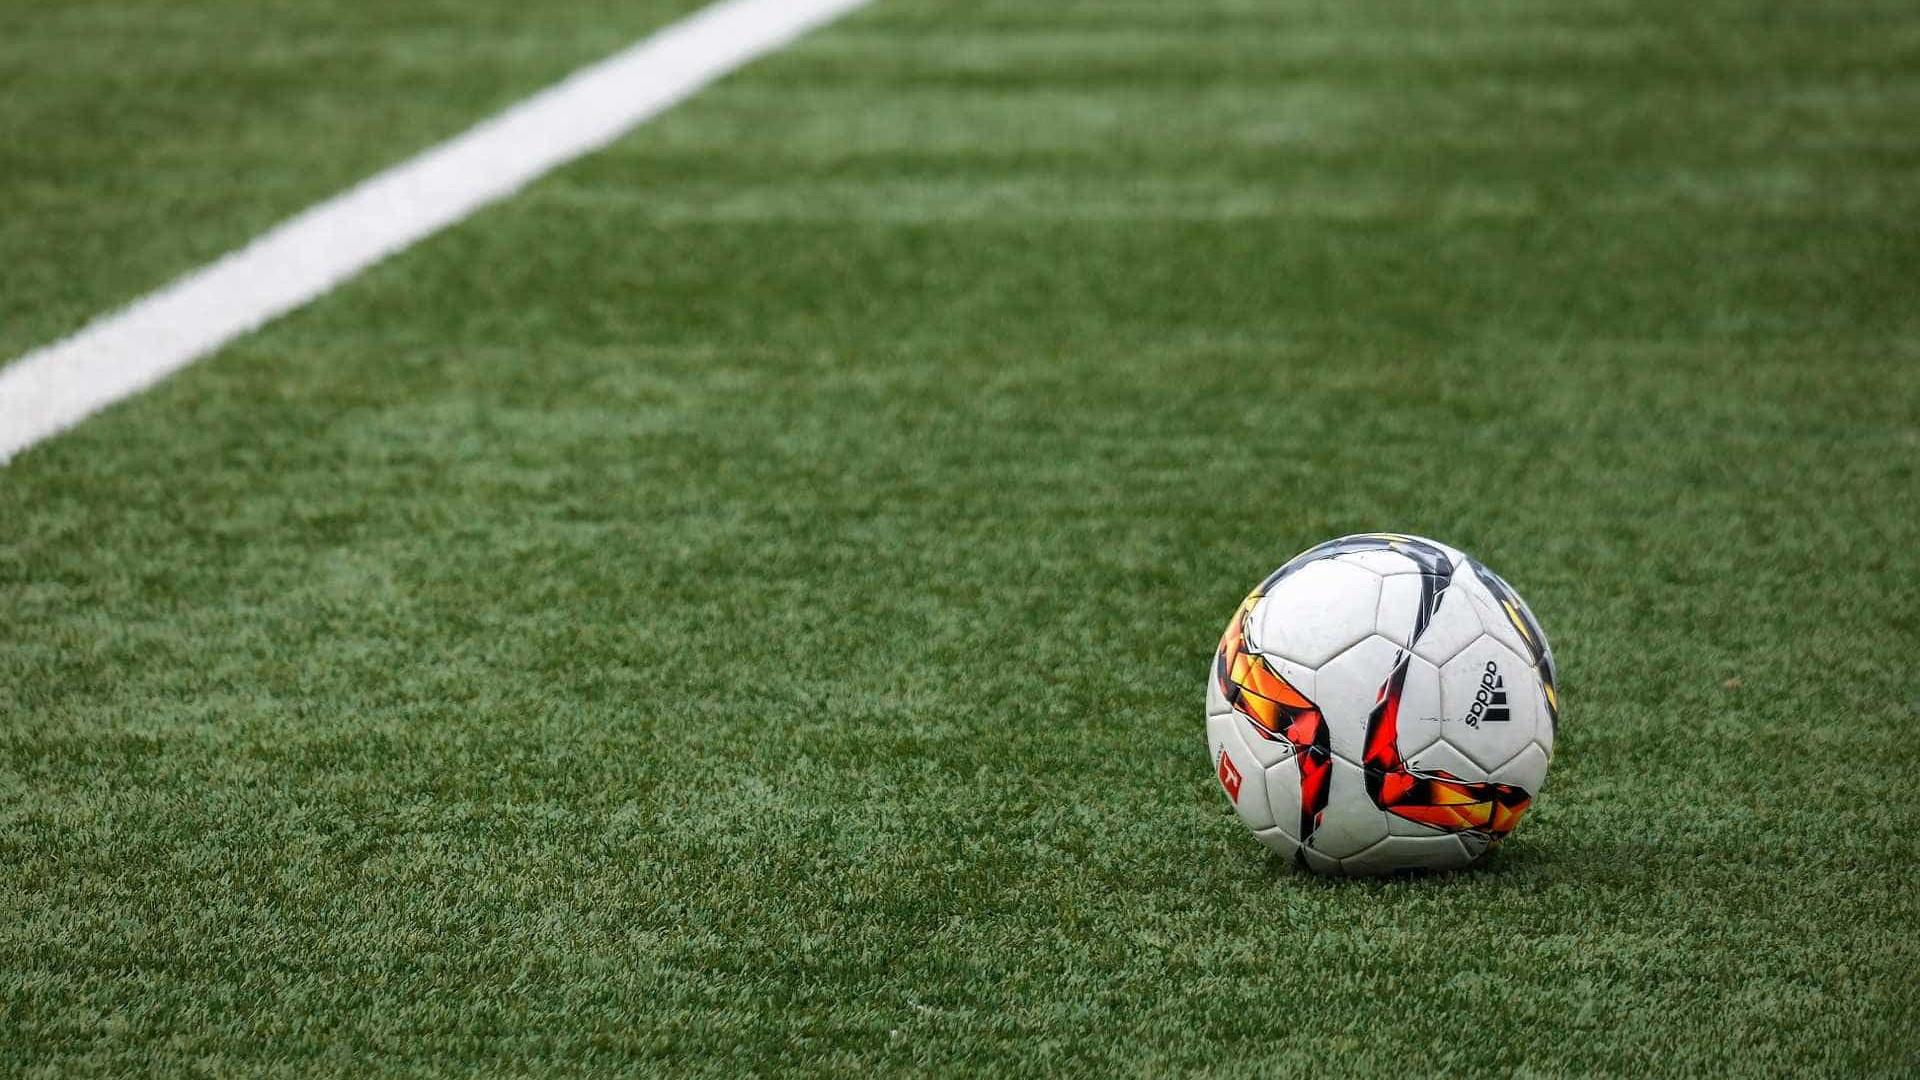 Quatro partidas da Série A do Brasileiro sofrem mudanças; confira